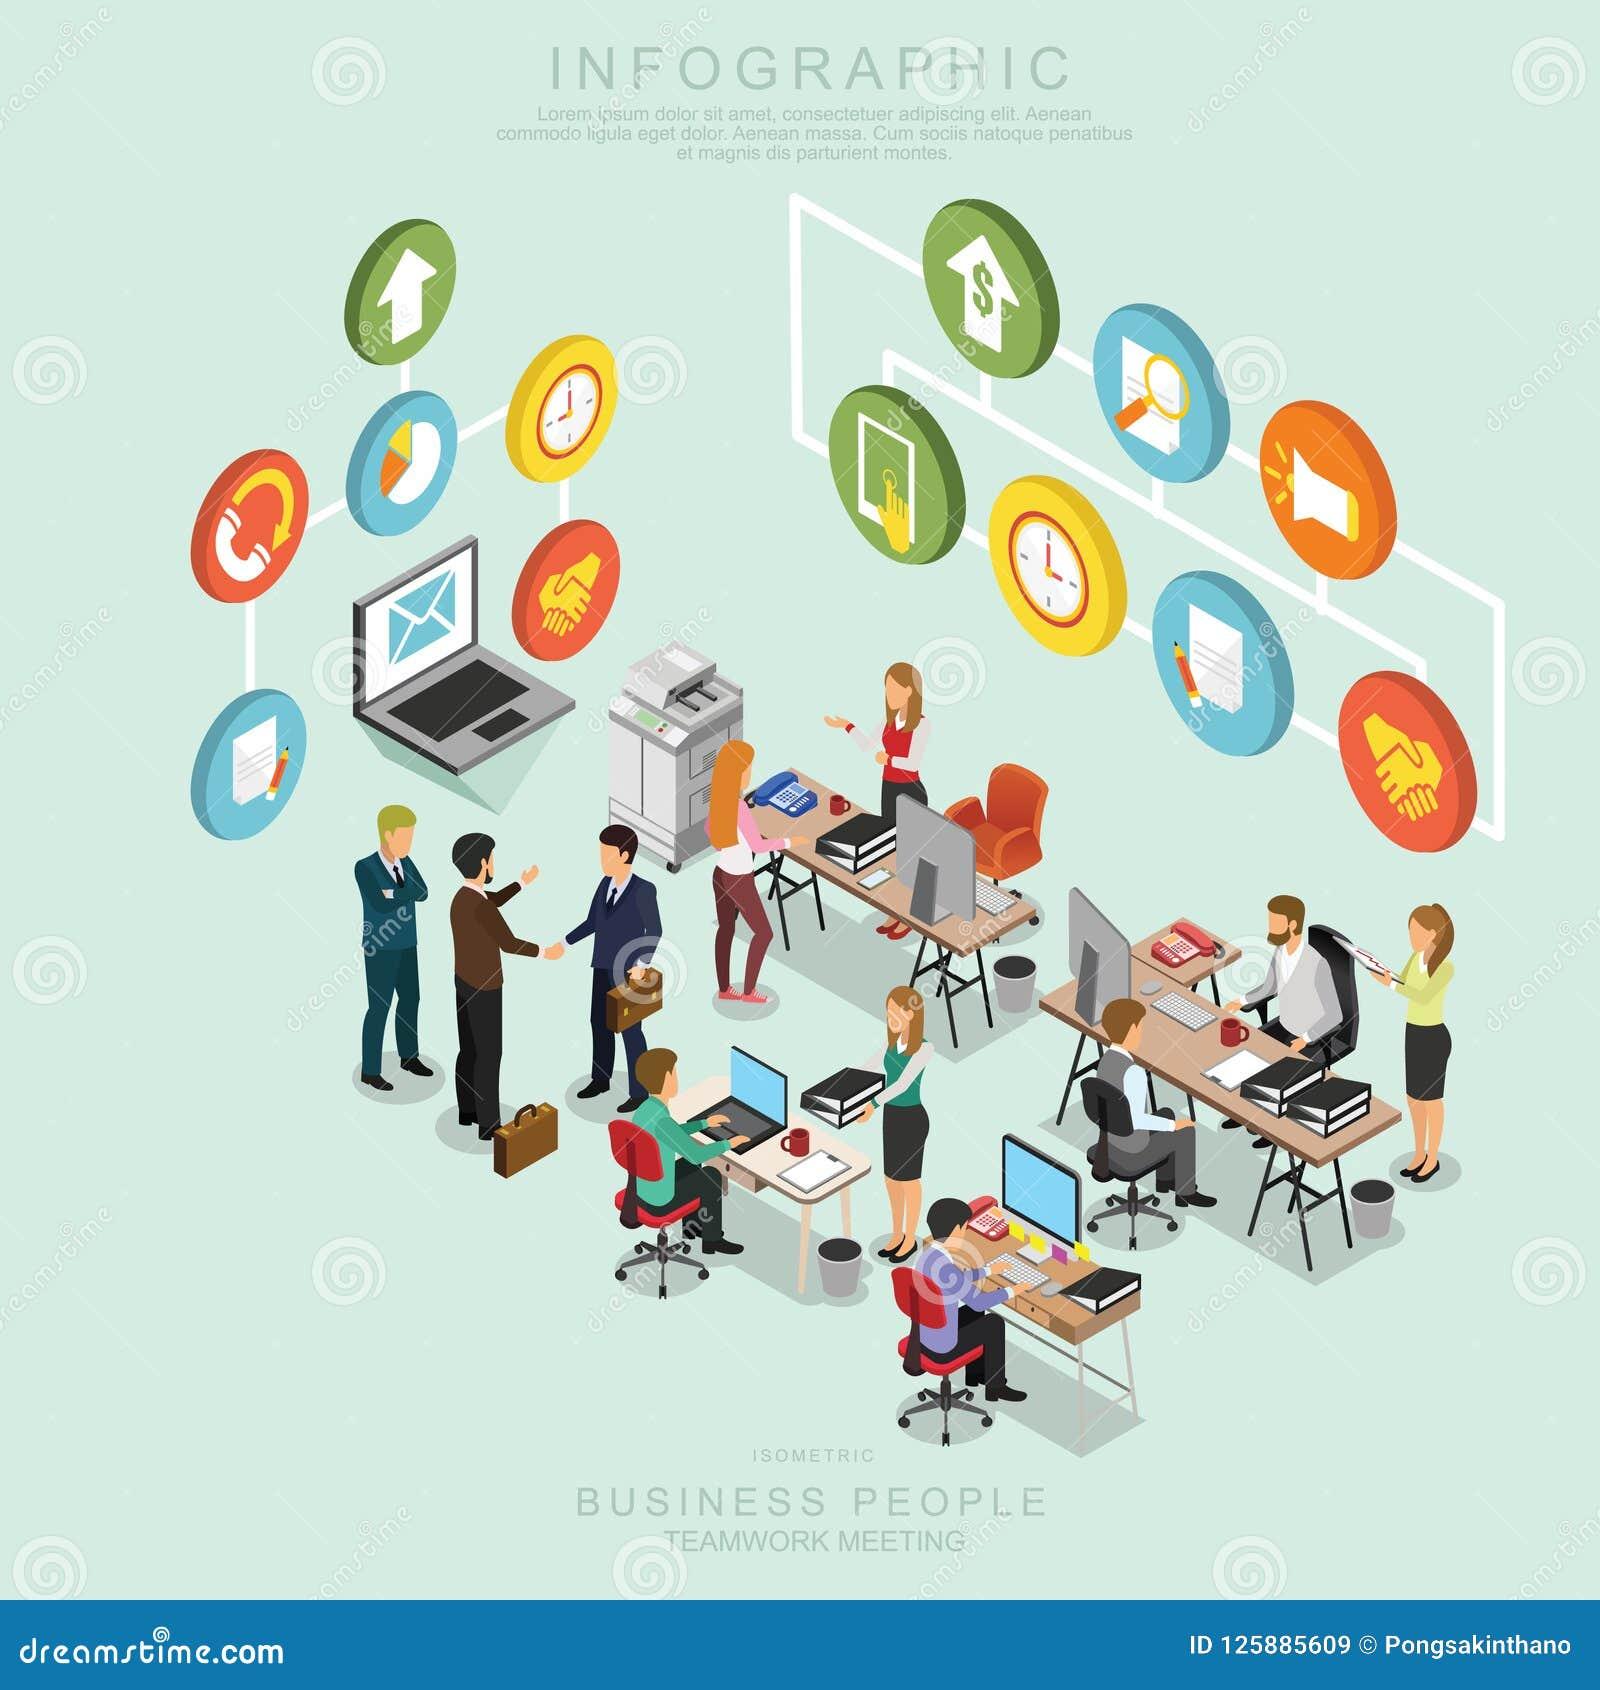 Isometrische Geschäftsleute Teamwork-Sitzungs-im Büro, teilen Idee, infographic Vektordesign gesetzte T